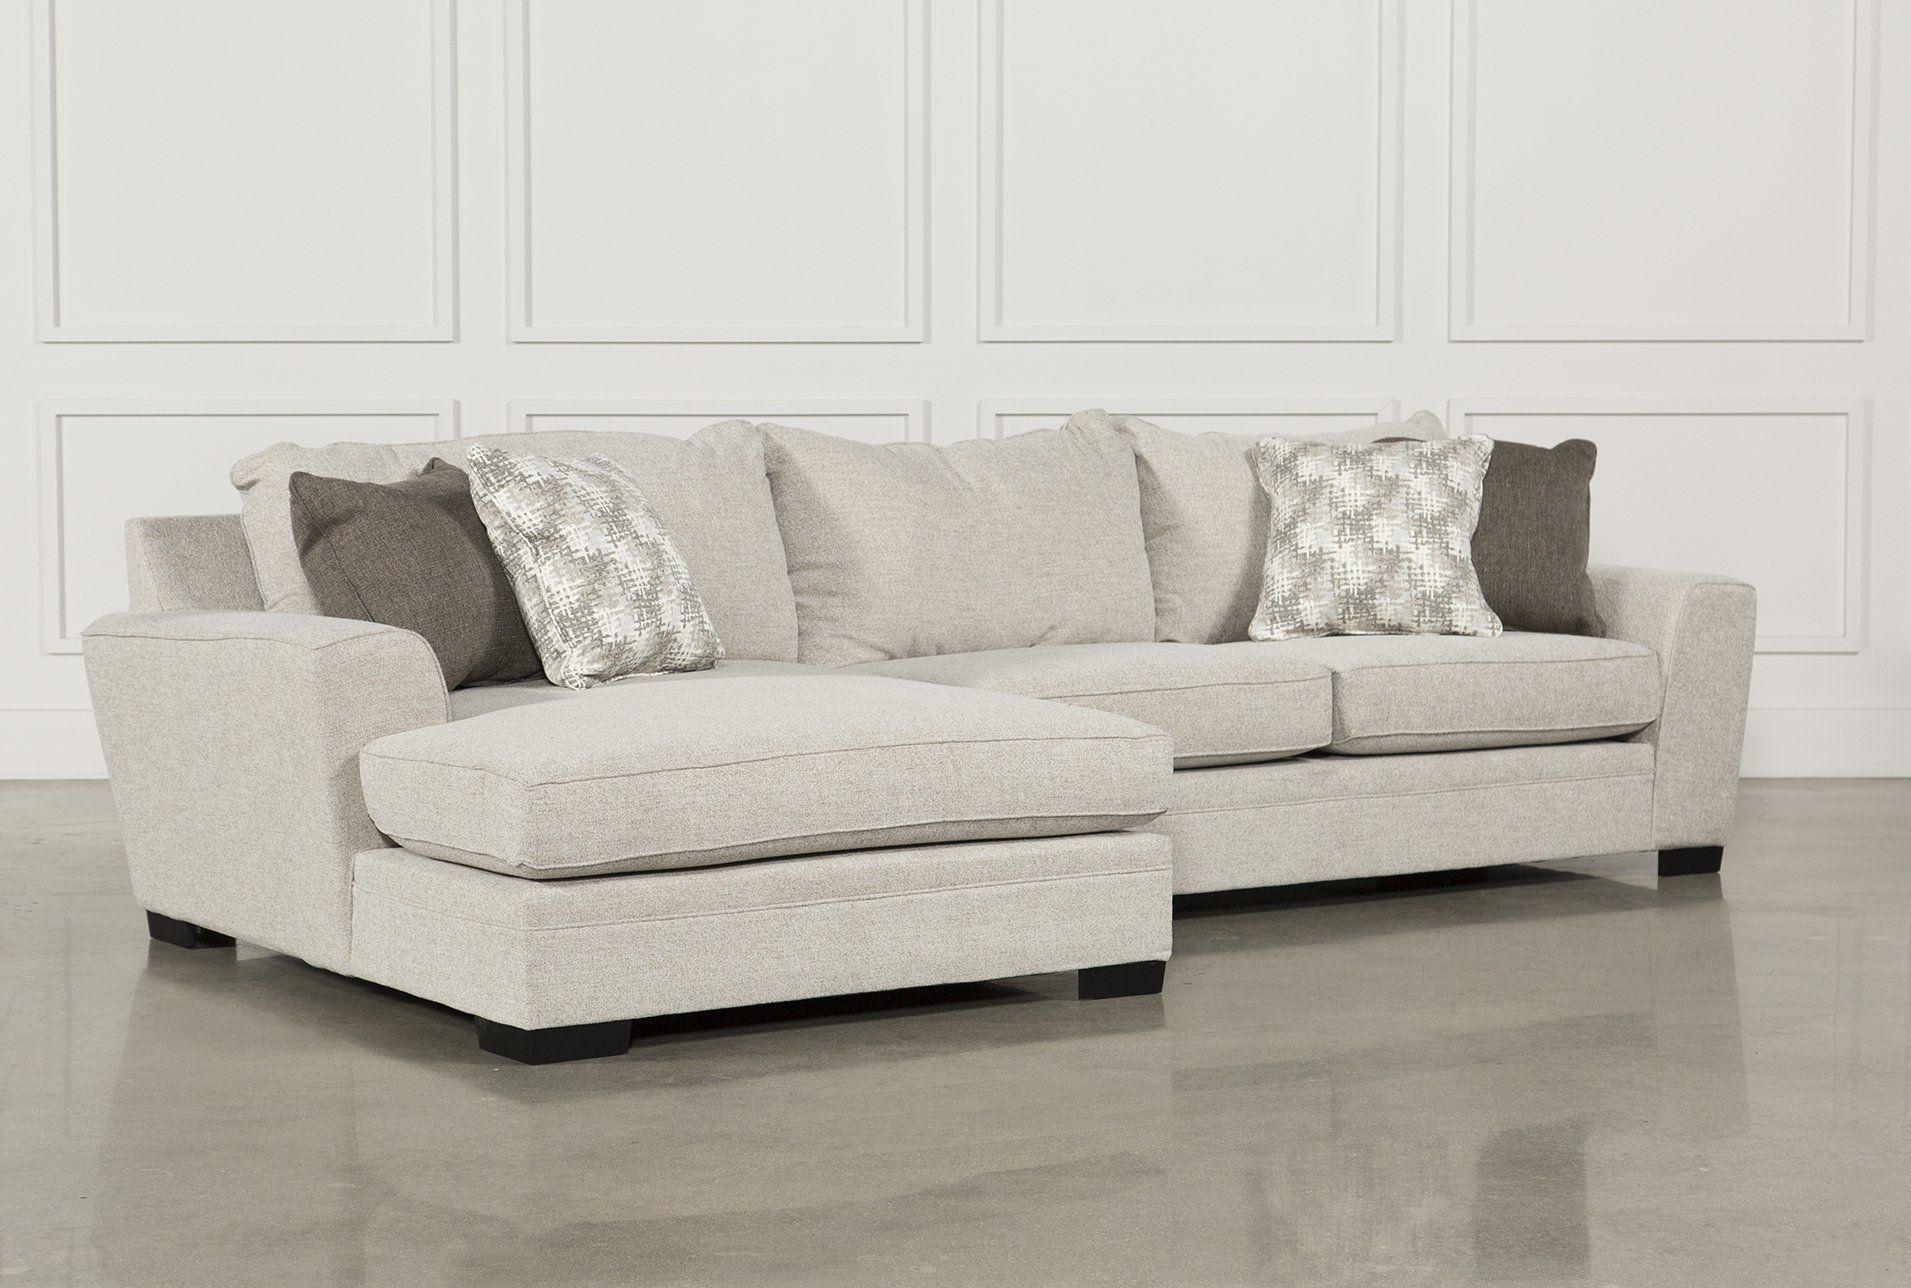 Wall Sofa Bed